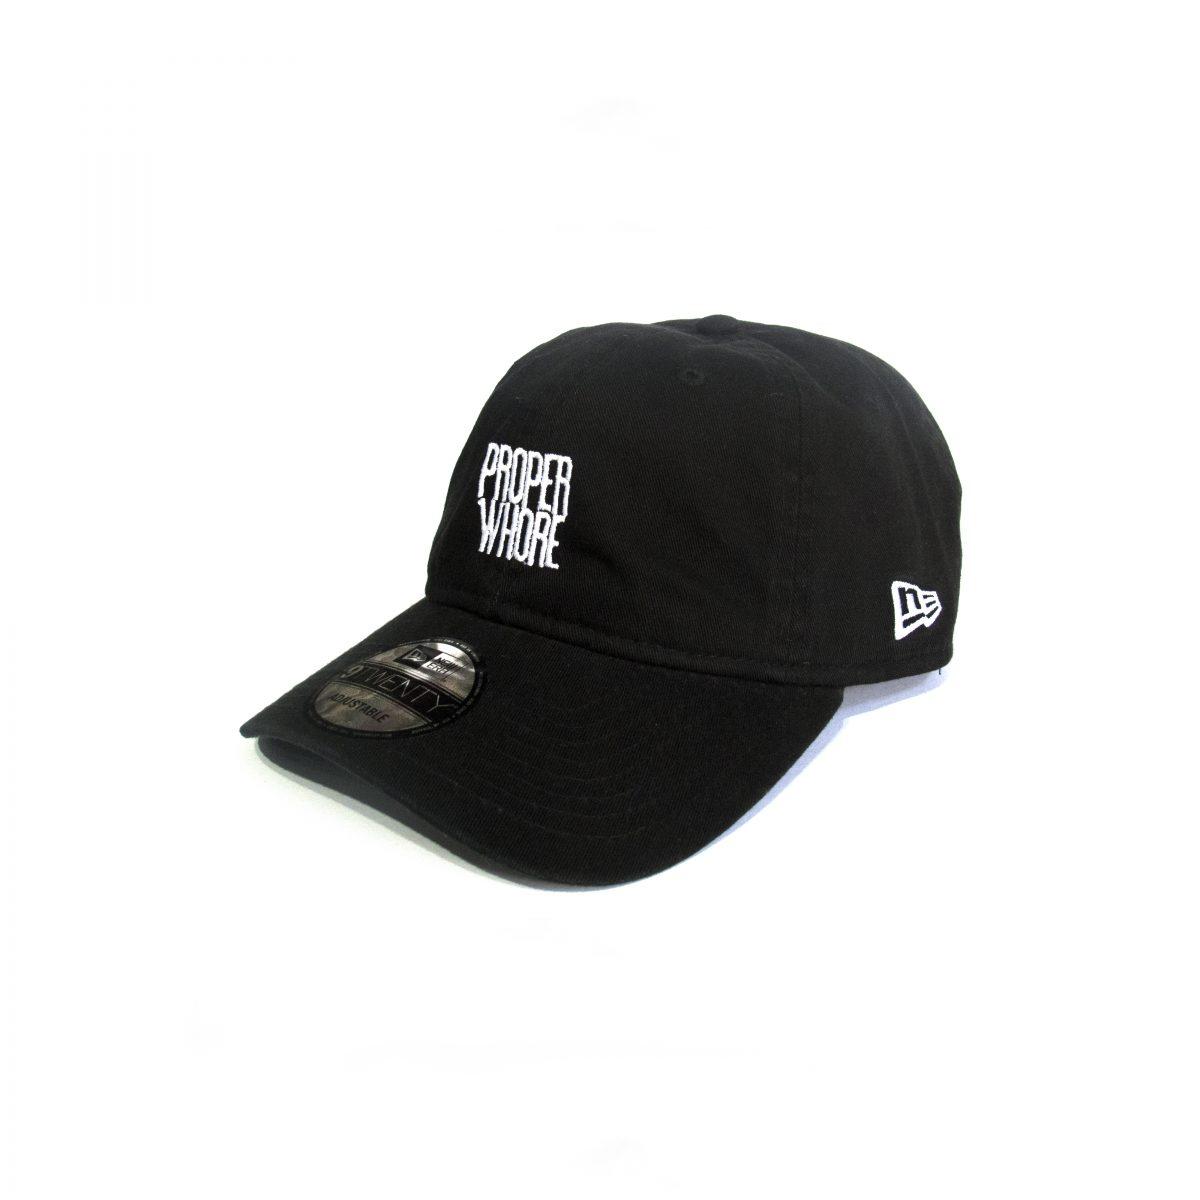 CAP PROPER WHORE